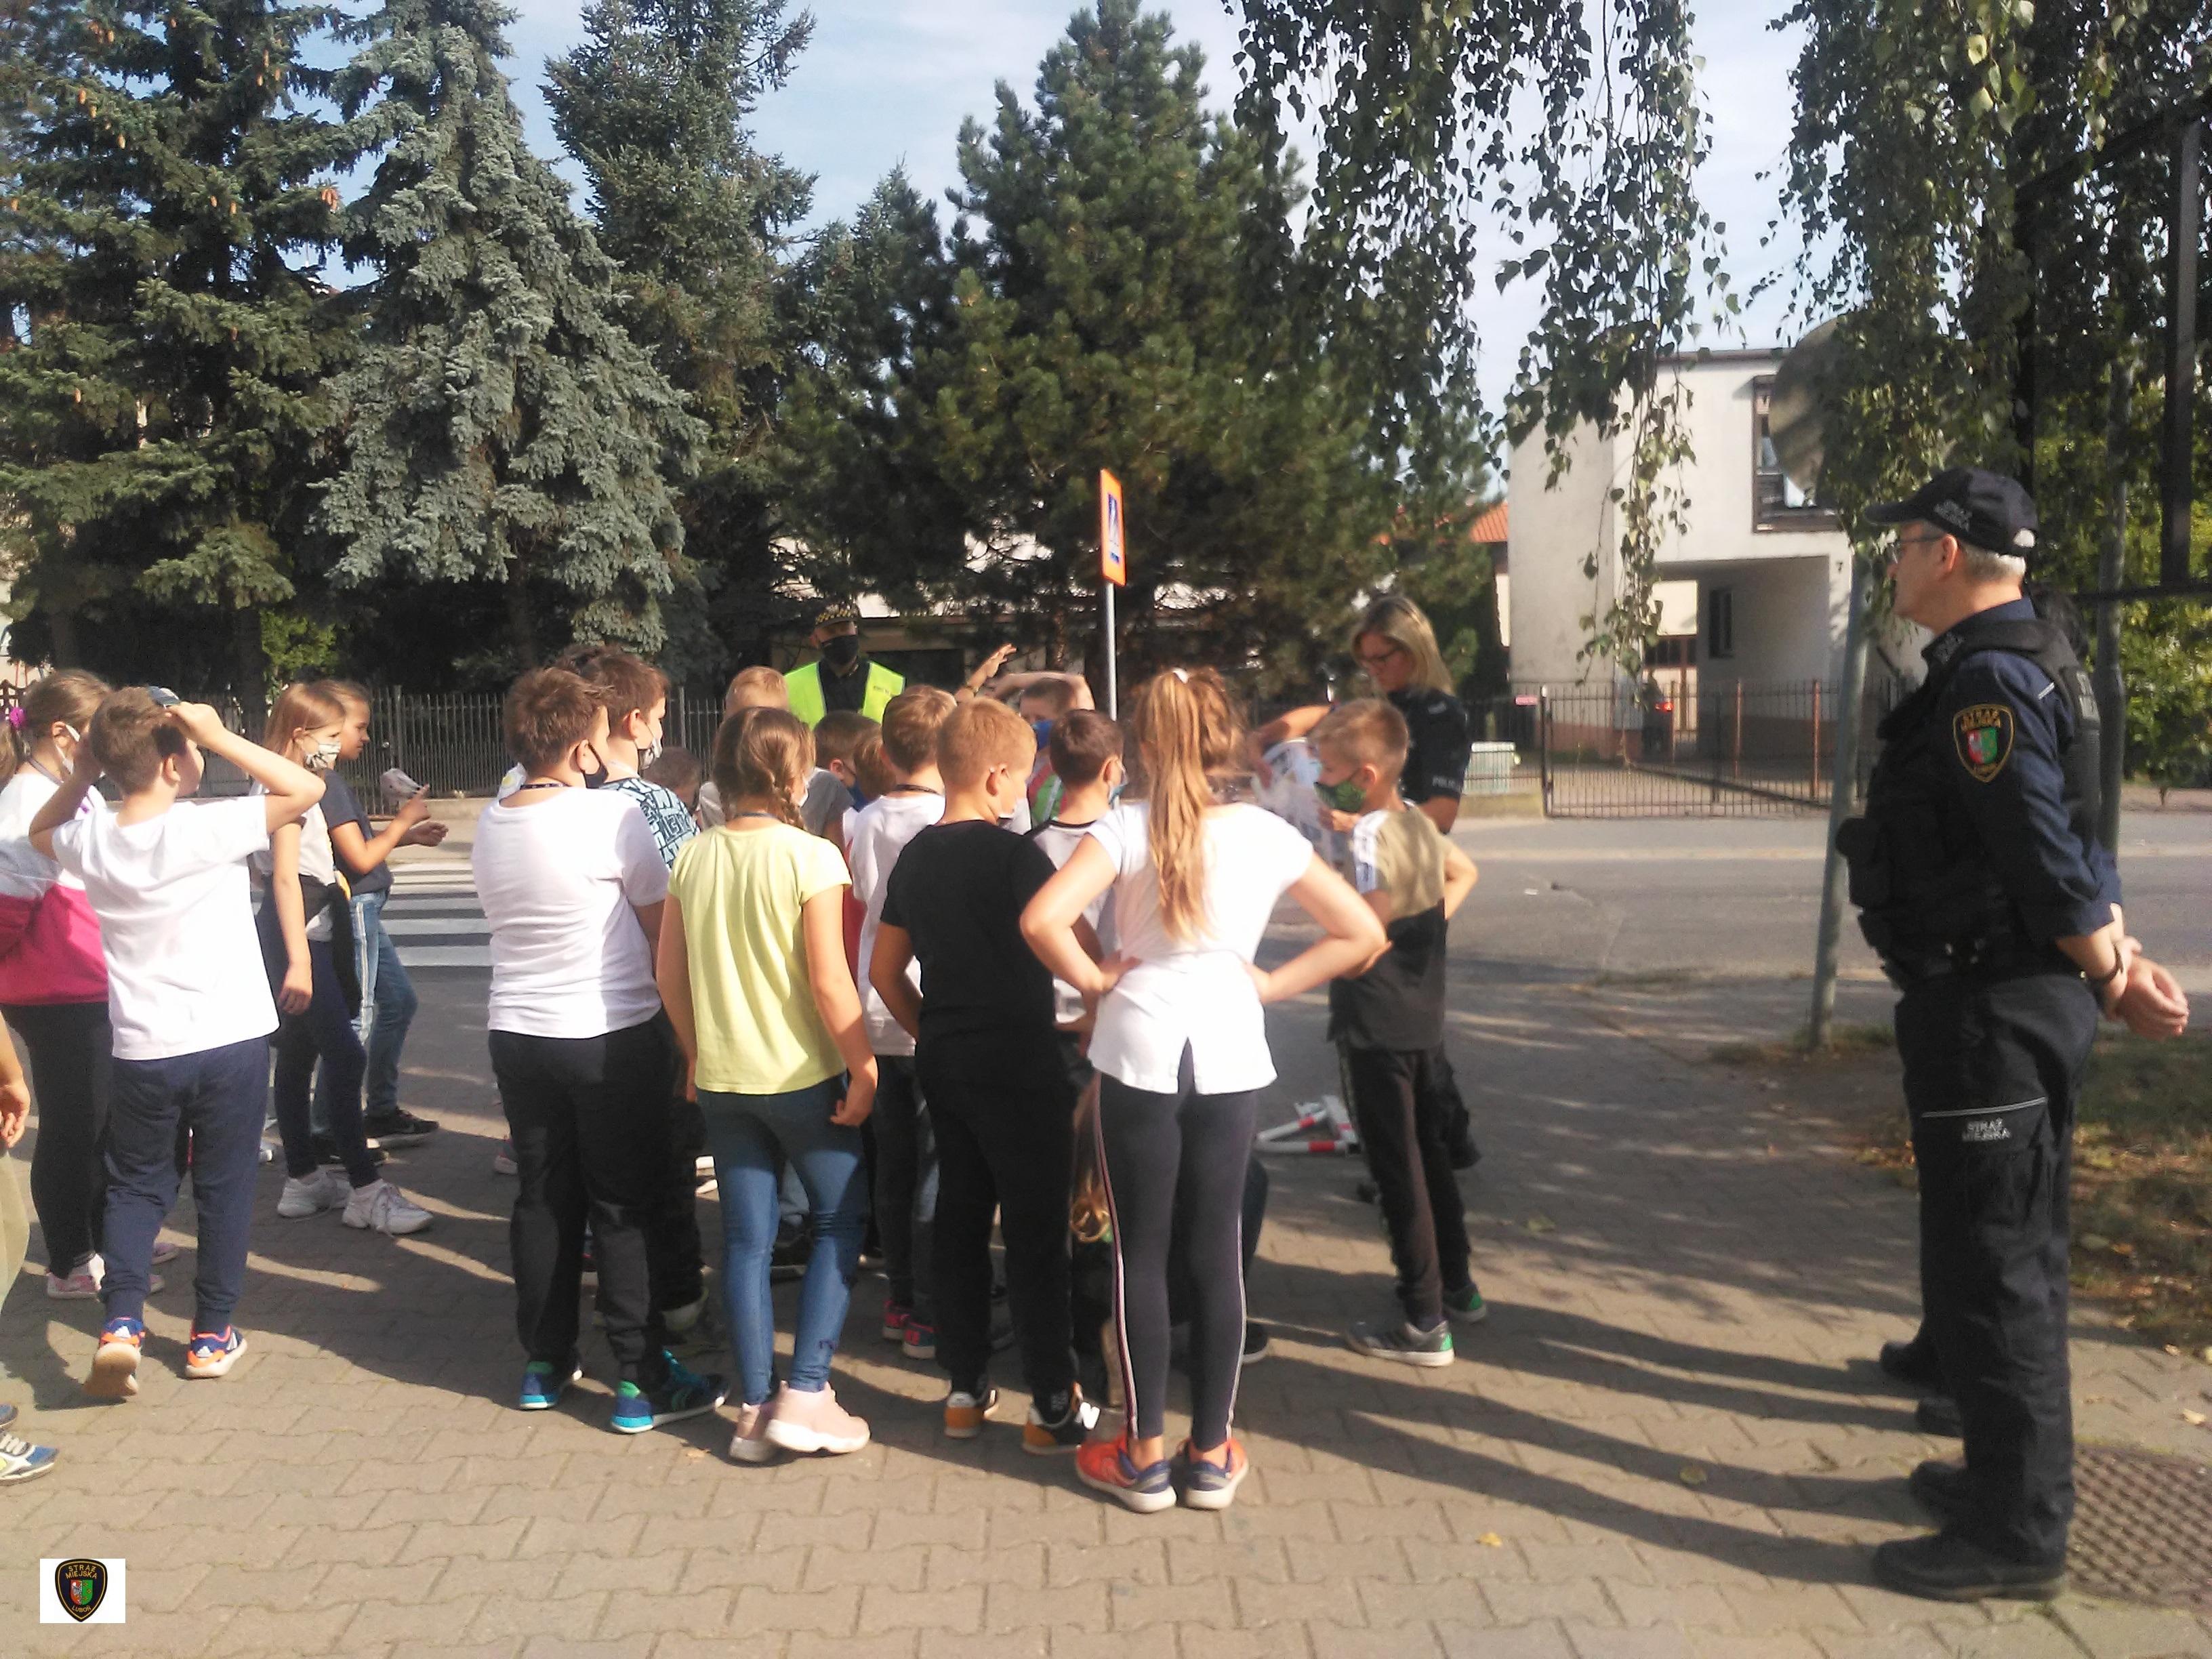 zdjęcie przedstawia dzieci stojące podczas prelekcji prowadzonej przez funkcjonariuszkę policji